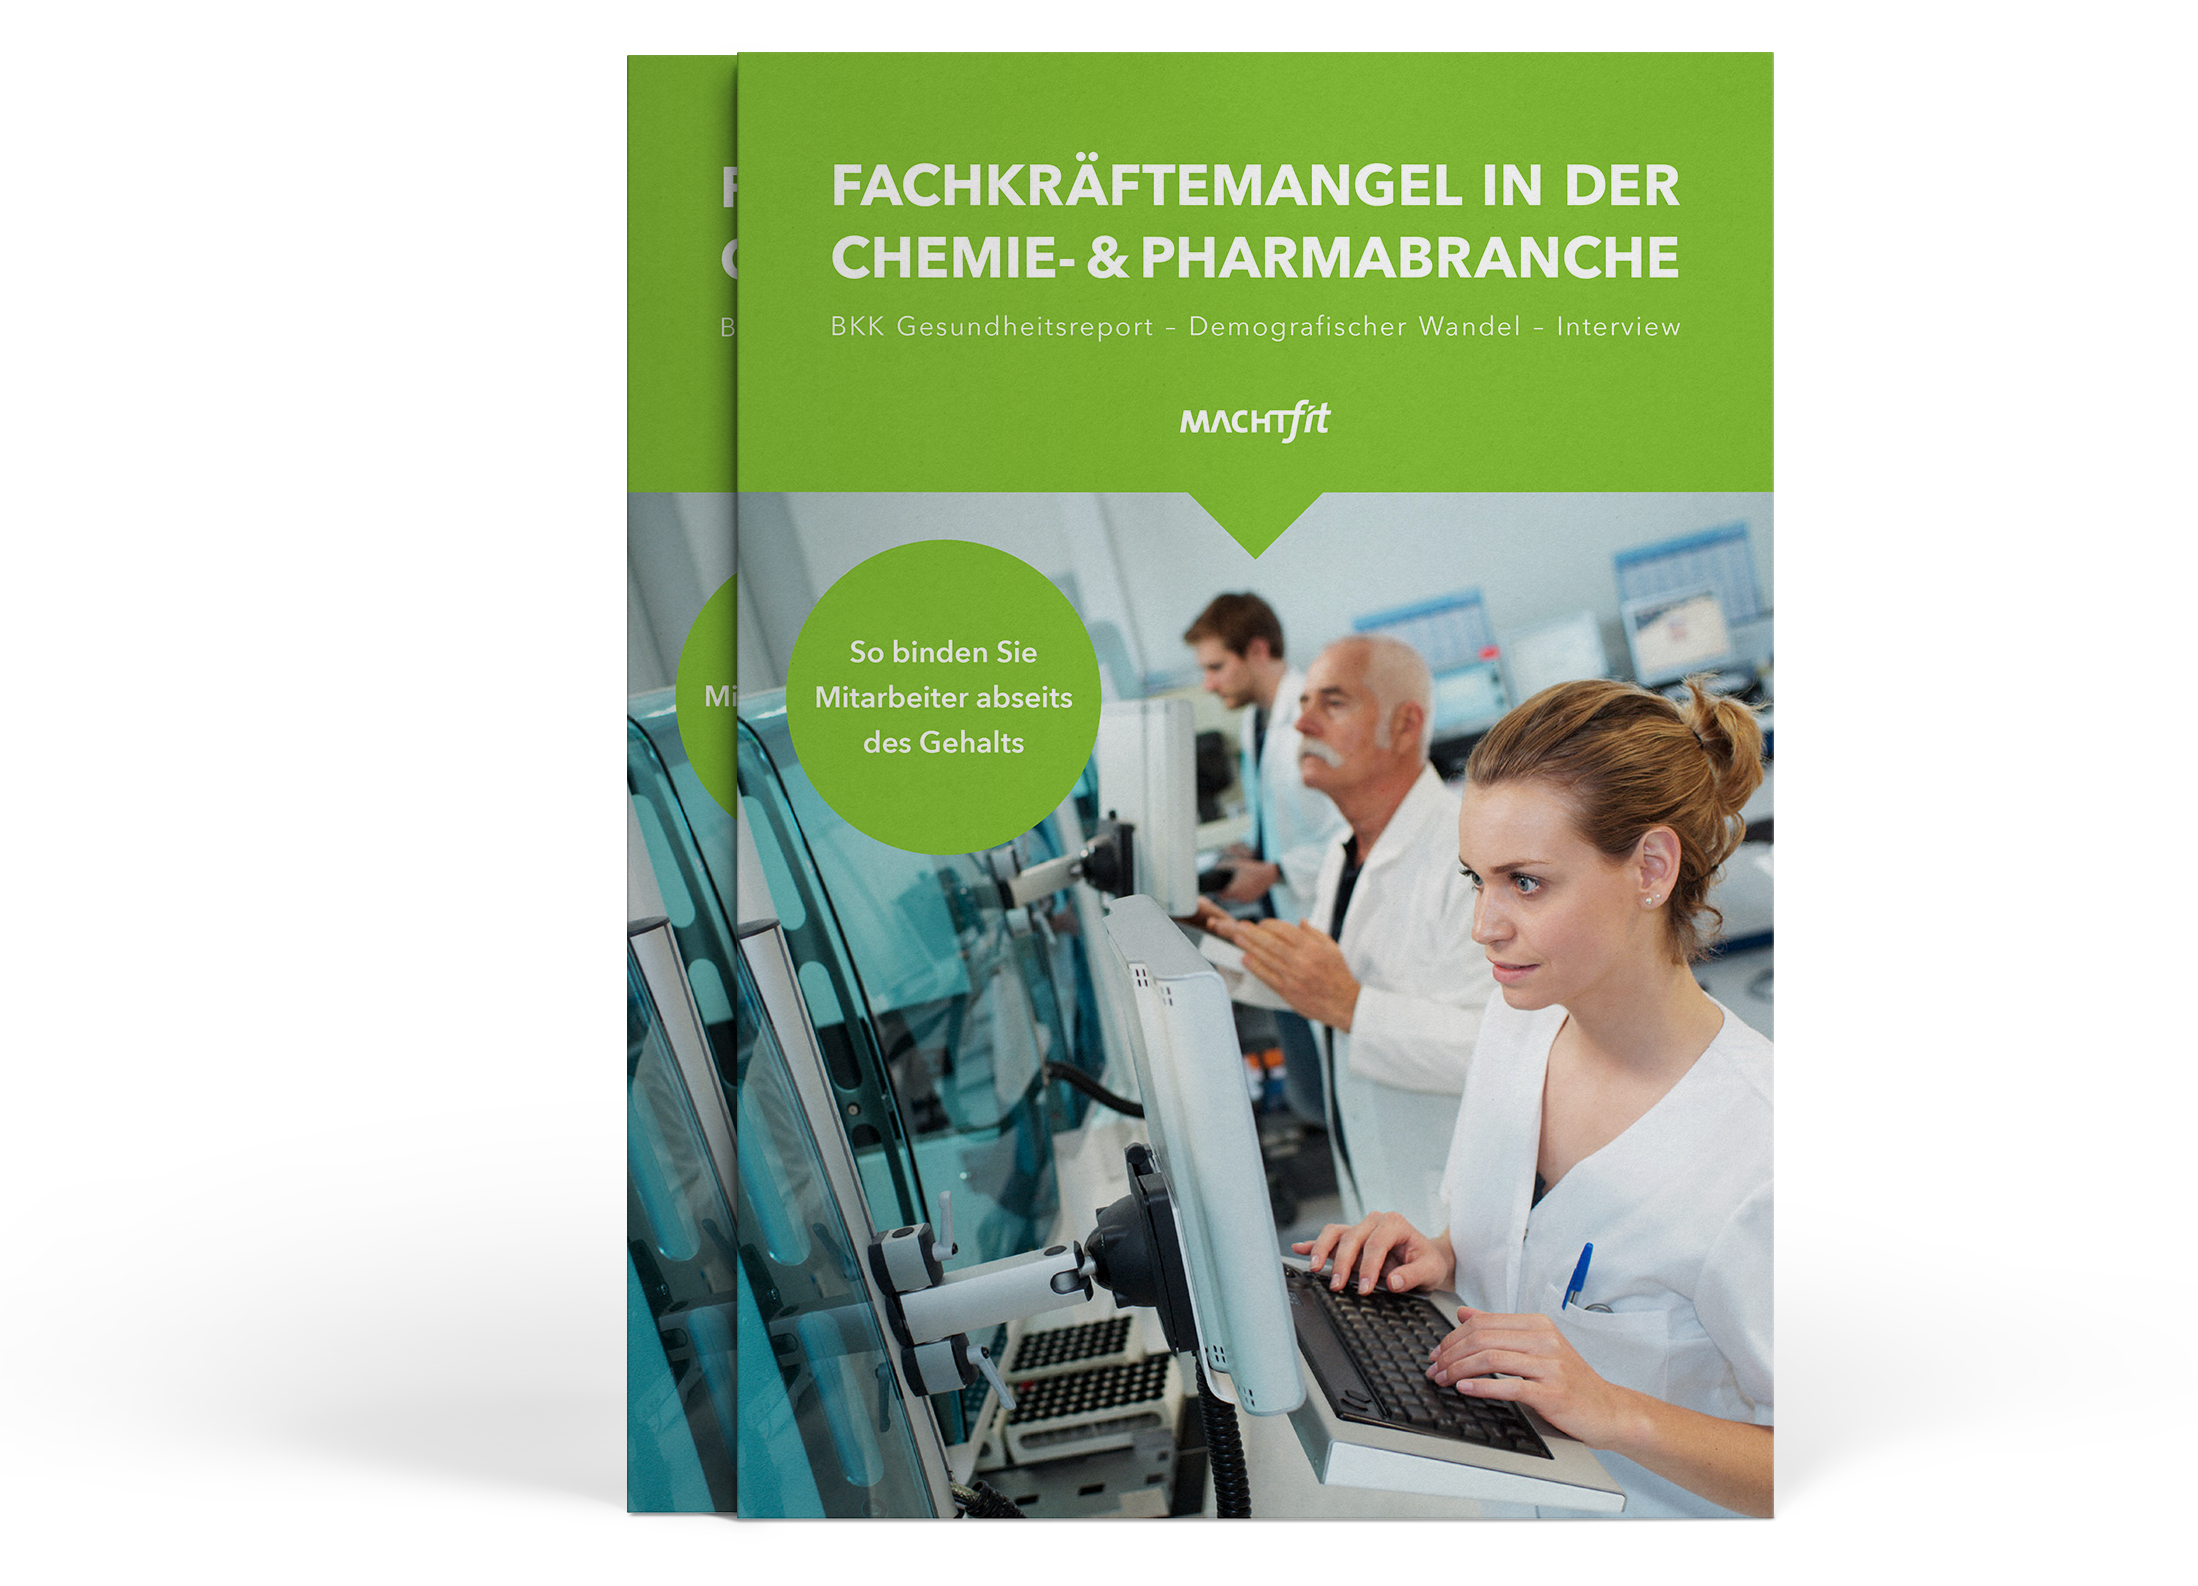 Bild zeigt Ebook Fachkräftemangel in der Chemie- und Pharmabranche